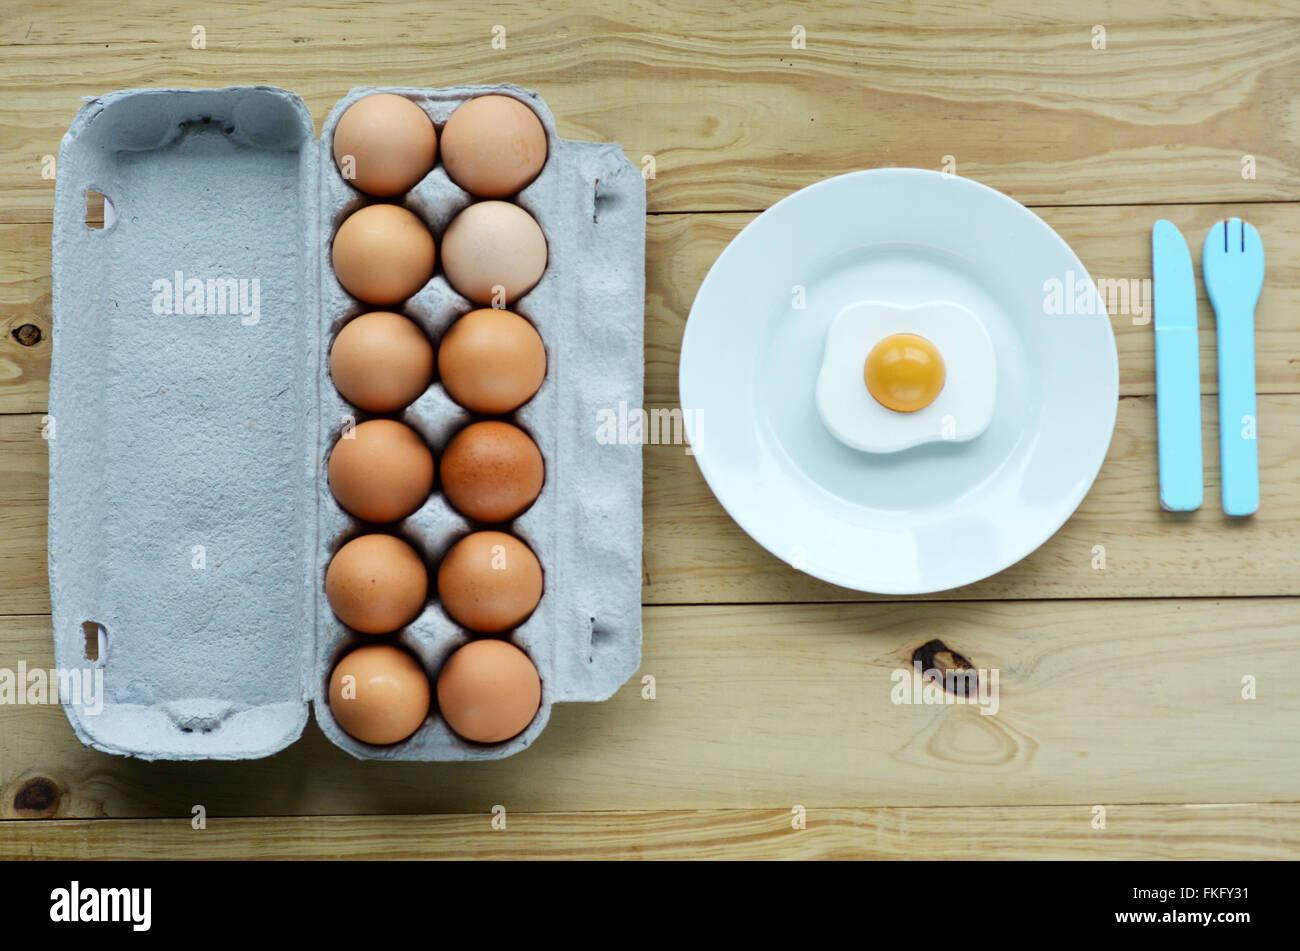 Wohnung legen von Eiern Fach neben einem weißen Teller mit Sonnenseite, Ei und hölzernen Messer und Gabel. Stockbild